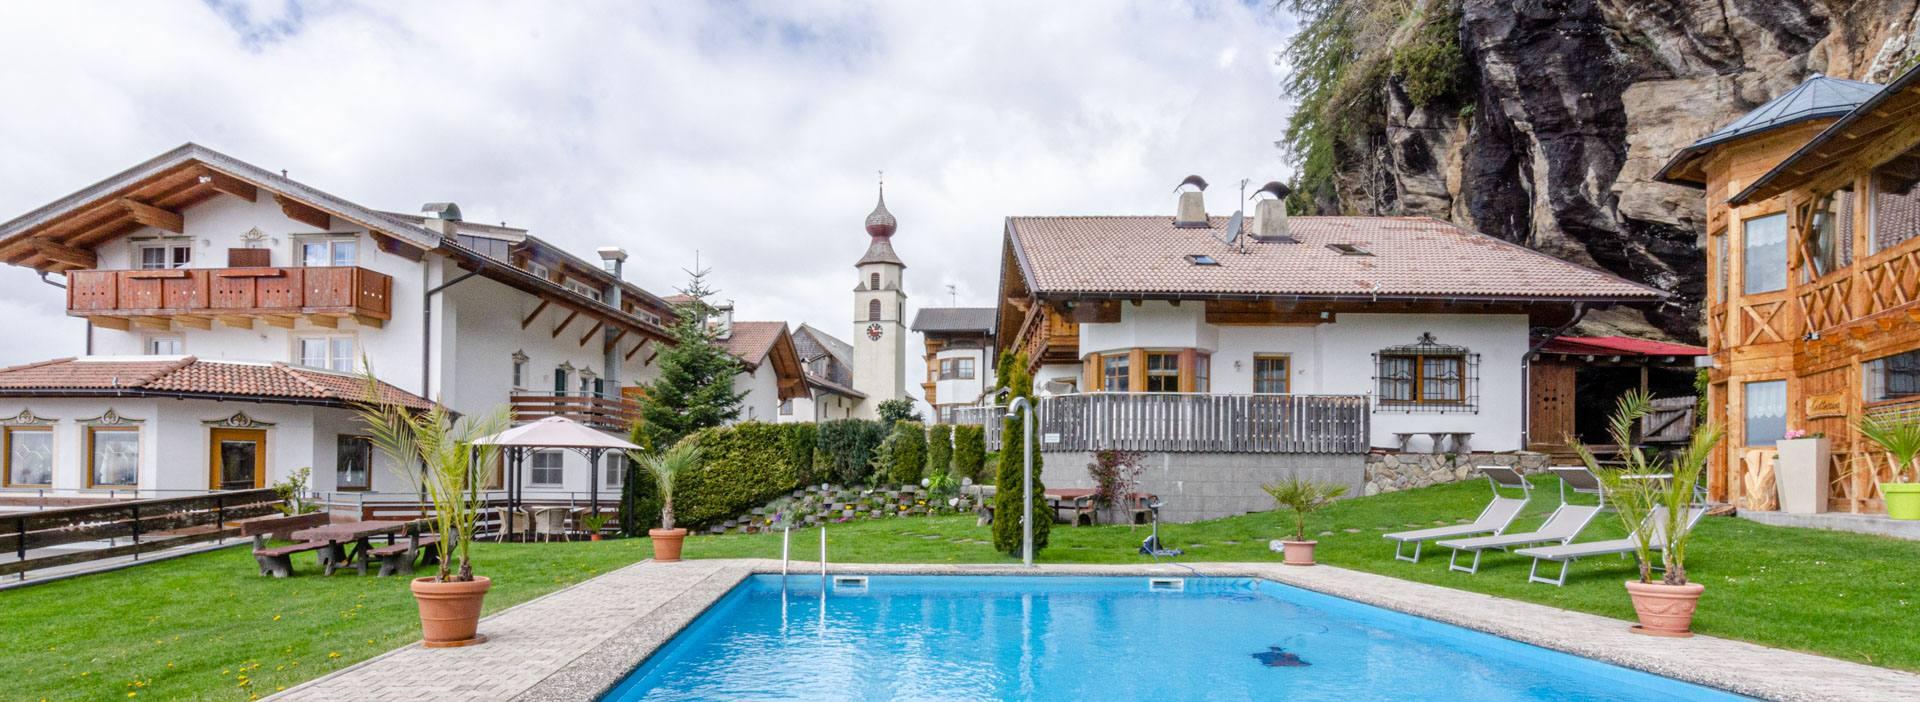 Hotel Stullerhof